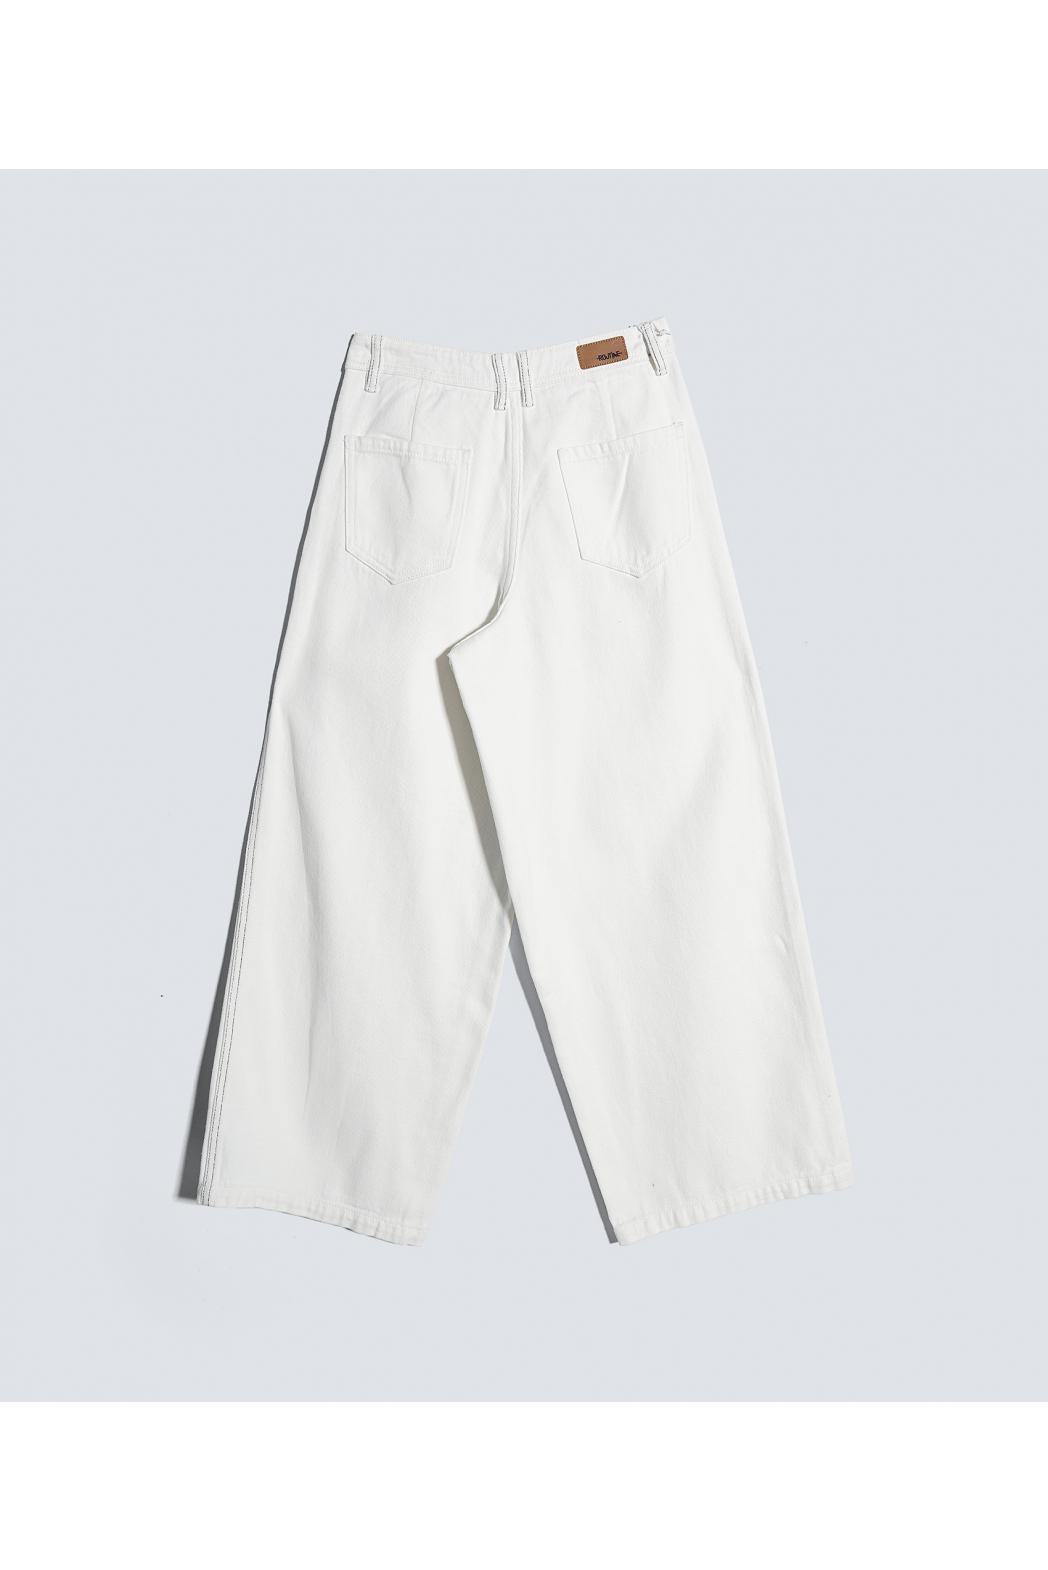 Quần Jean nữ ống rộng. Cotton - 10F20DPAW008